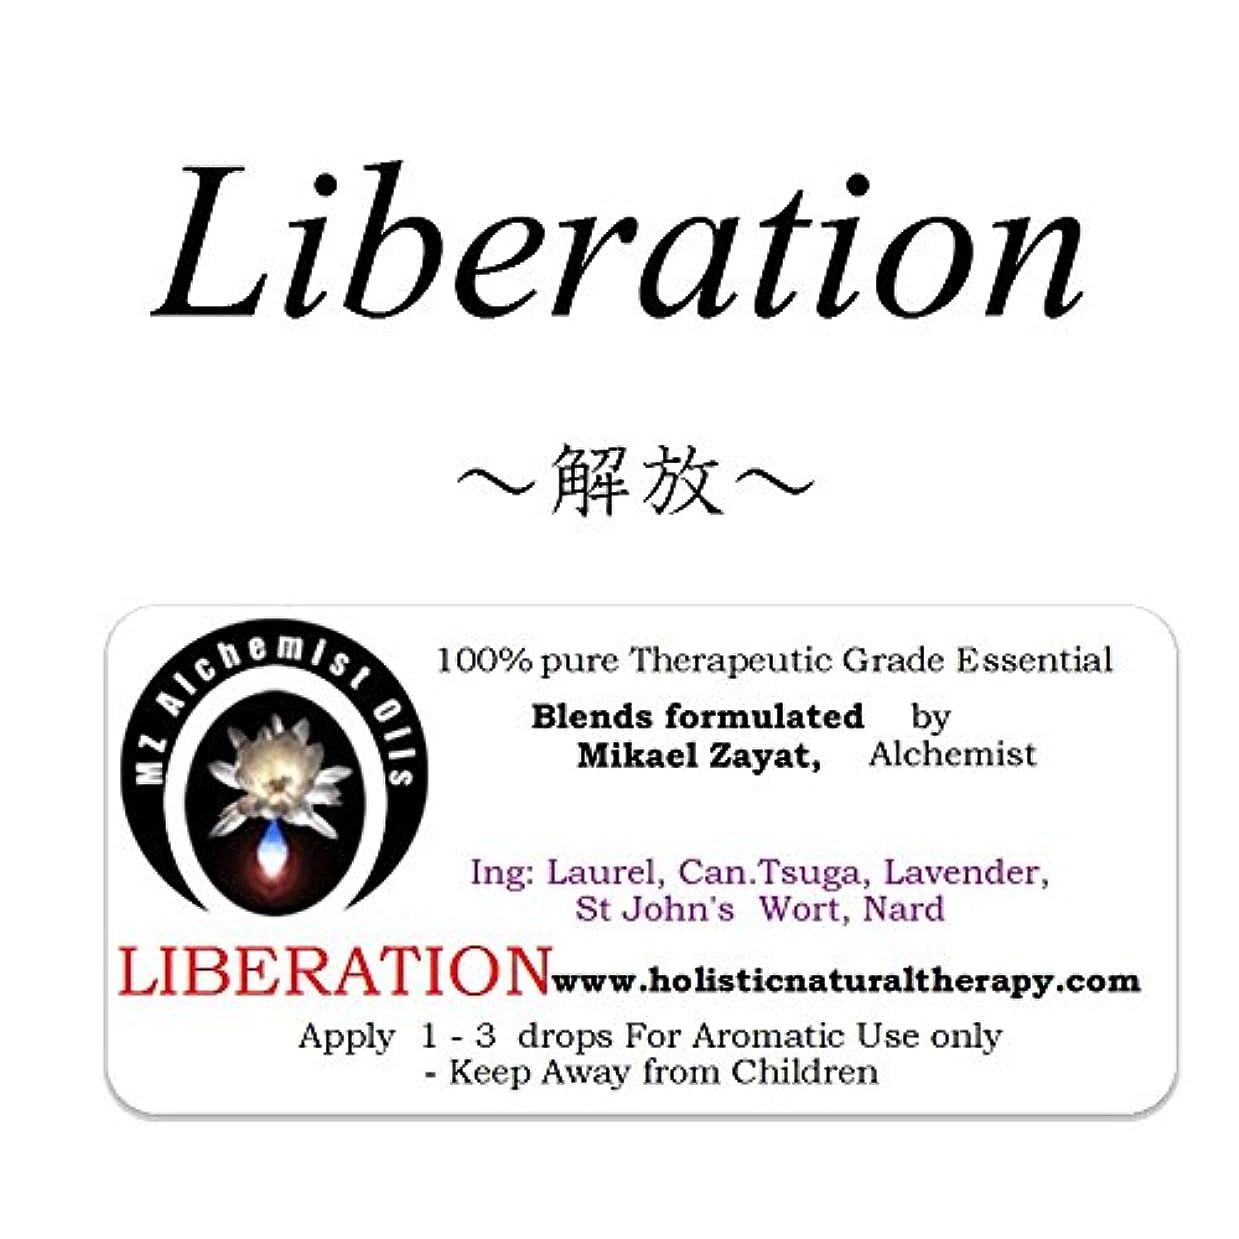 大胆な学校の先生セントミカエル?ザヤットアルケミストオイル セラピストグレードアロマオイル Liberation-リベレーション(解放)- 4ml